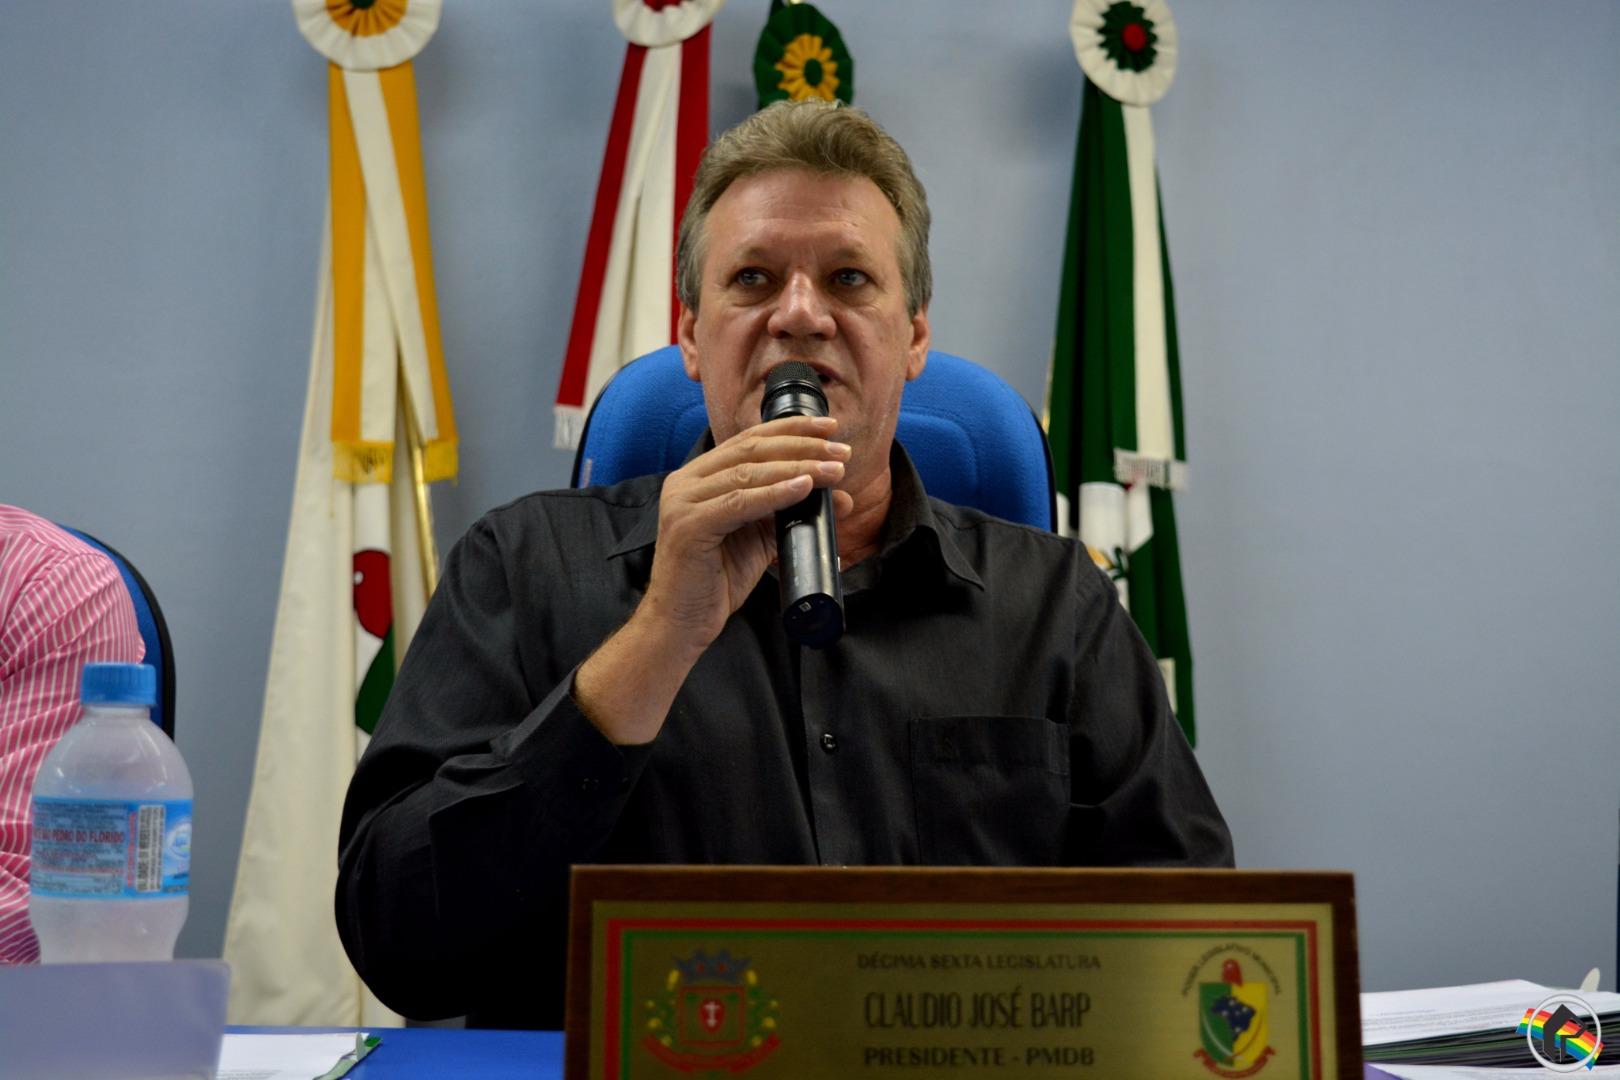 Vereador apresenta projeto de arborização para São Miguel do Oeste